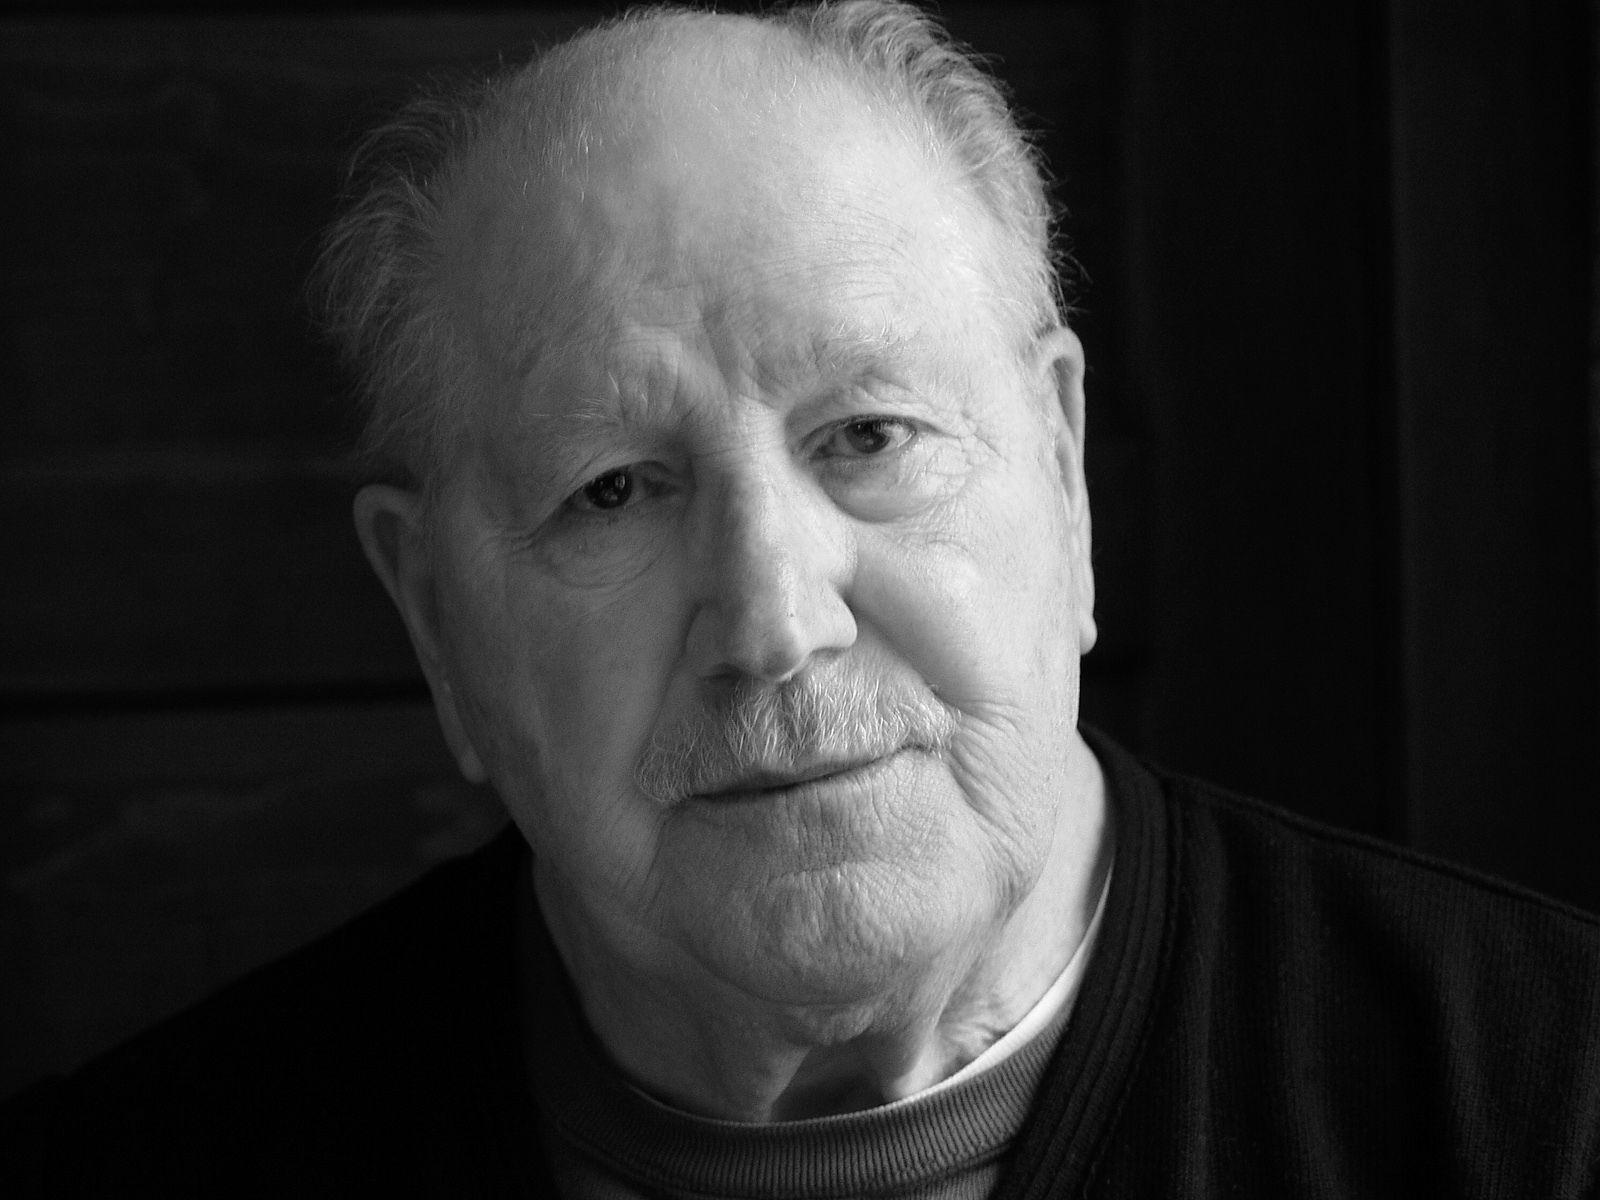 Harry Rhyner, Oshkosh, WI, 2001